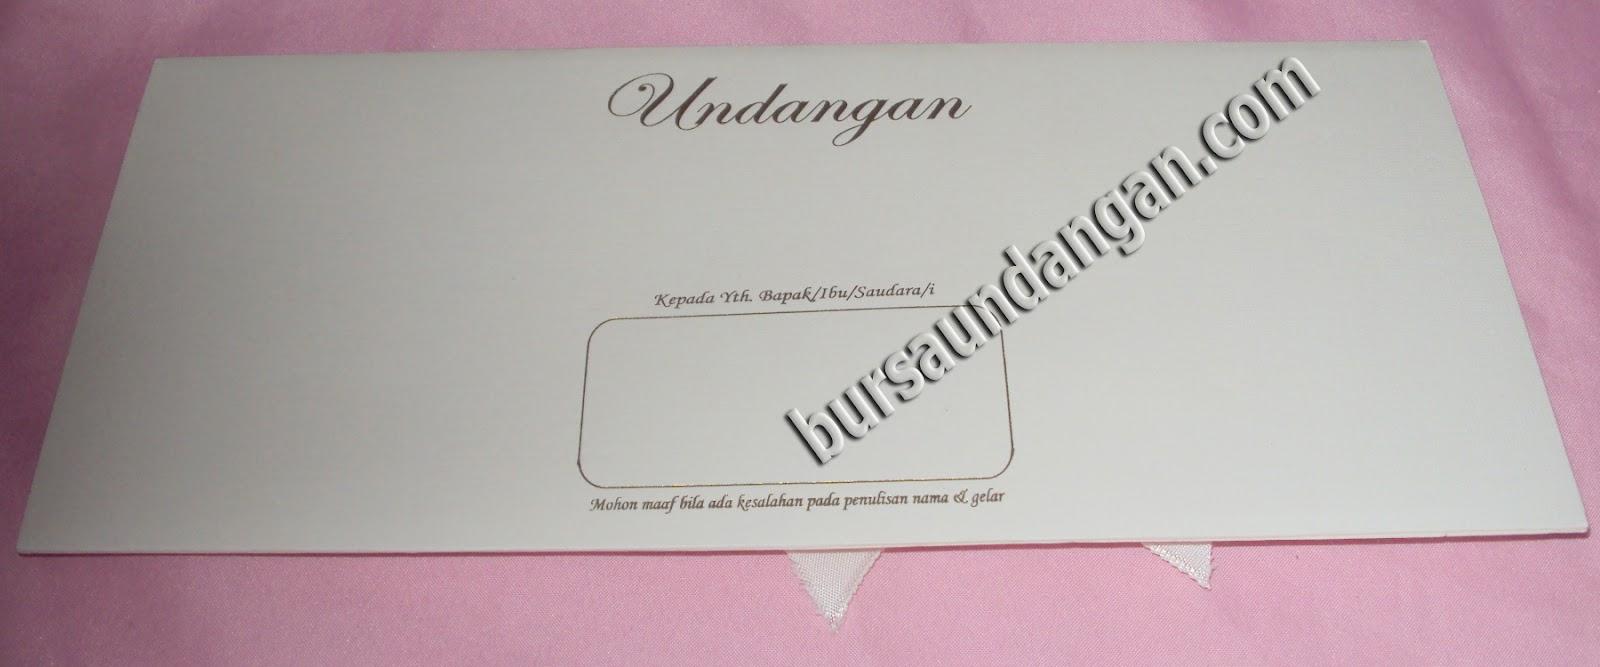 desain blanko kartu undangan pernikahan model amplop elegant dengan